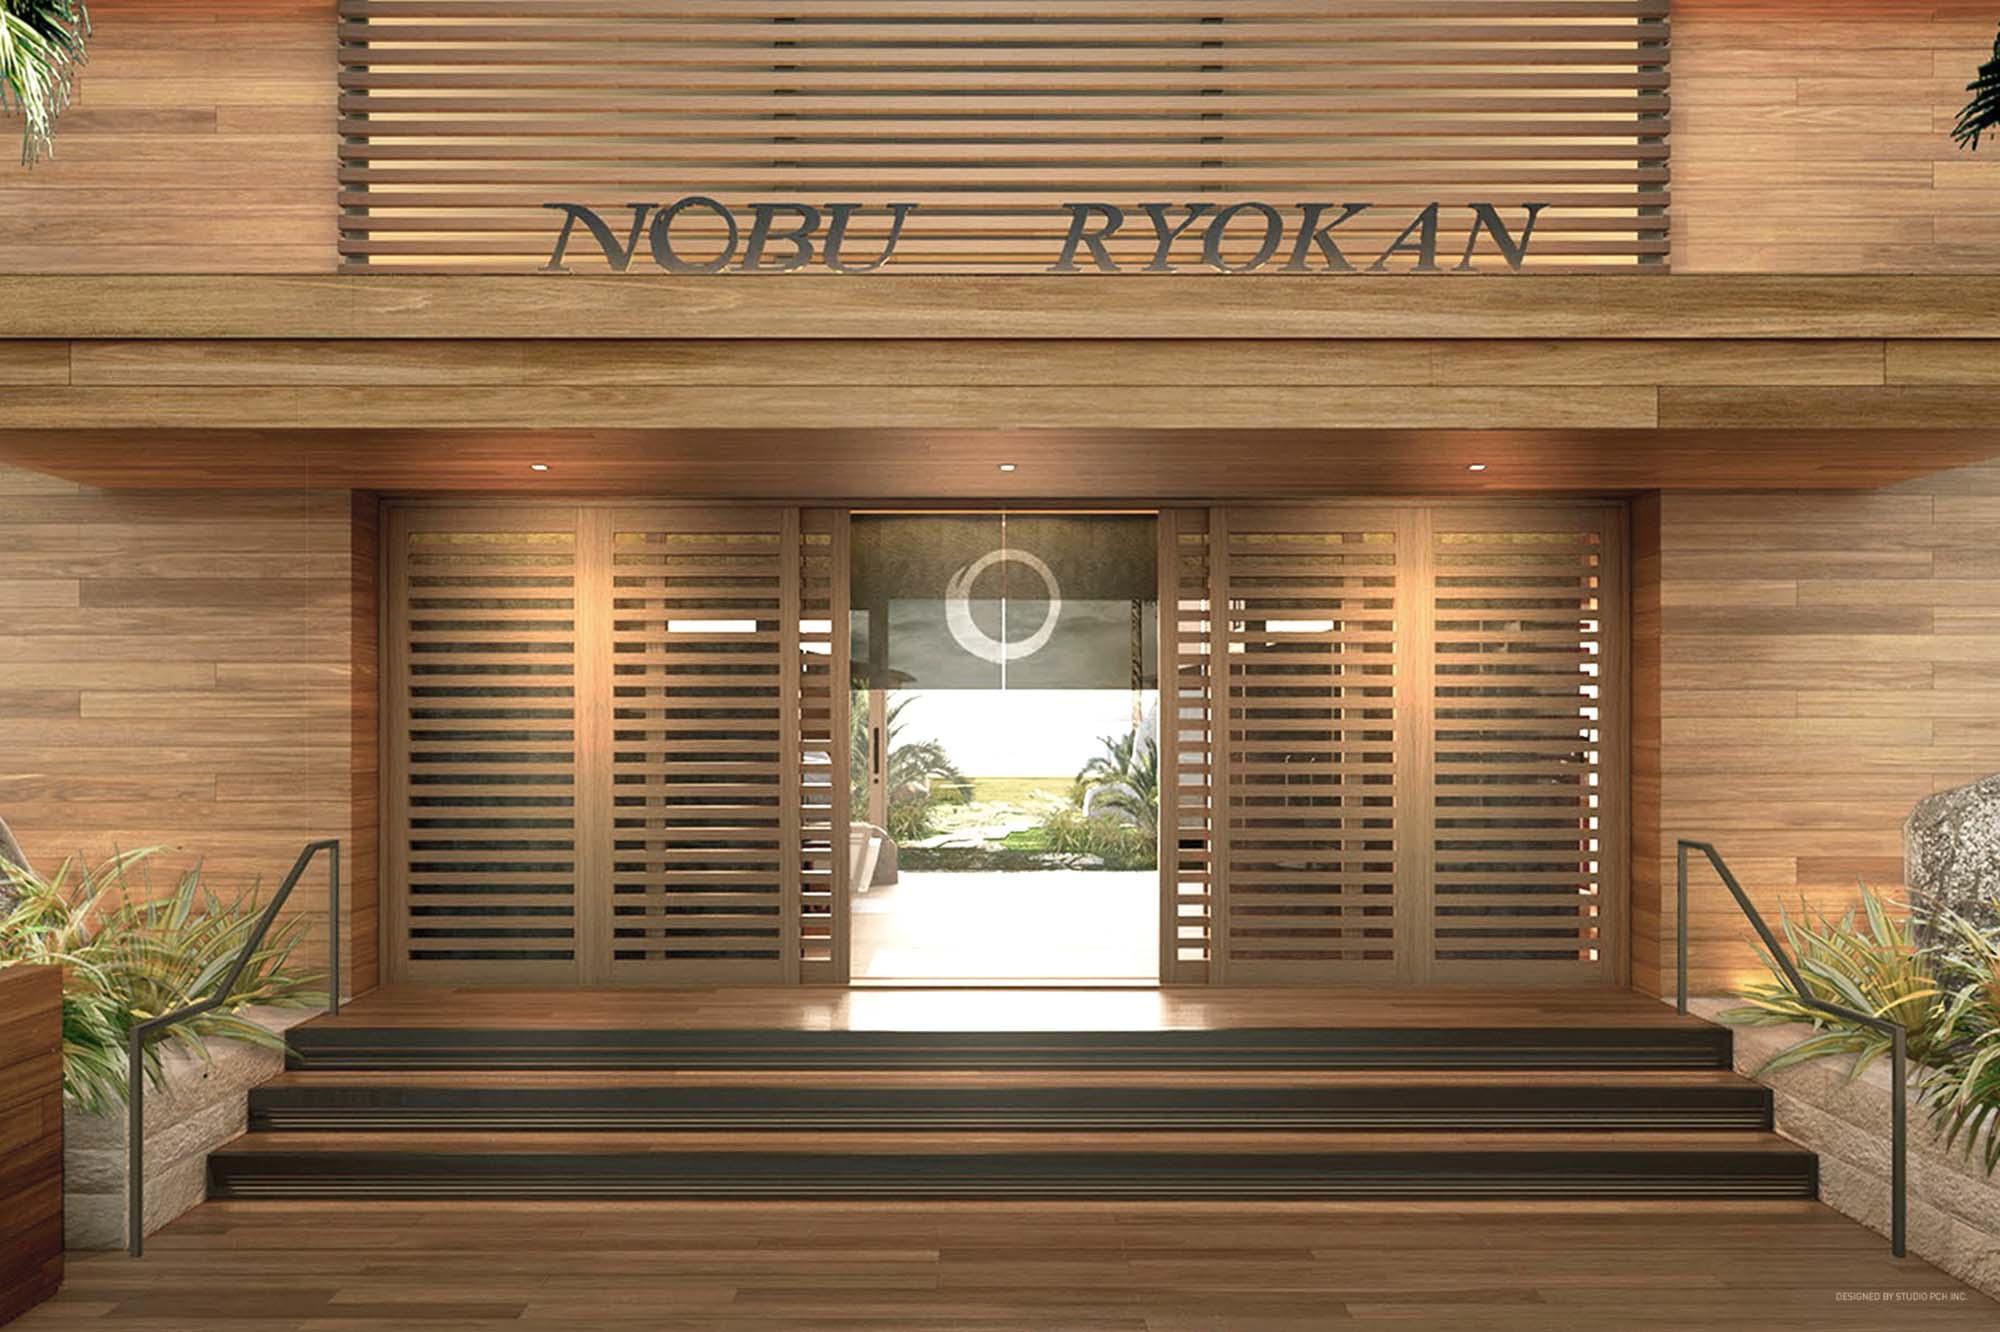 Nobu Ryokan Architect Magazine Studio Pch Montalba